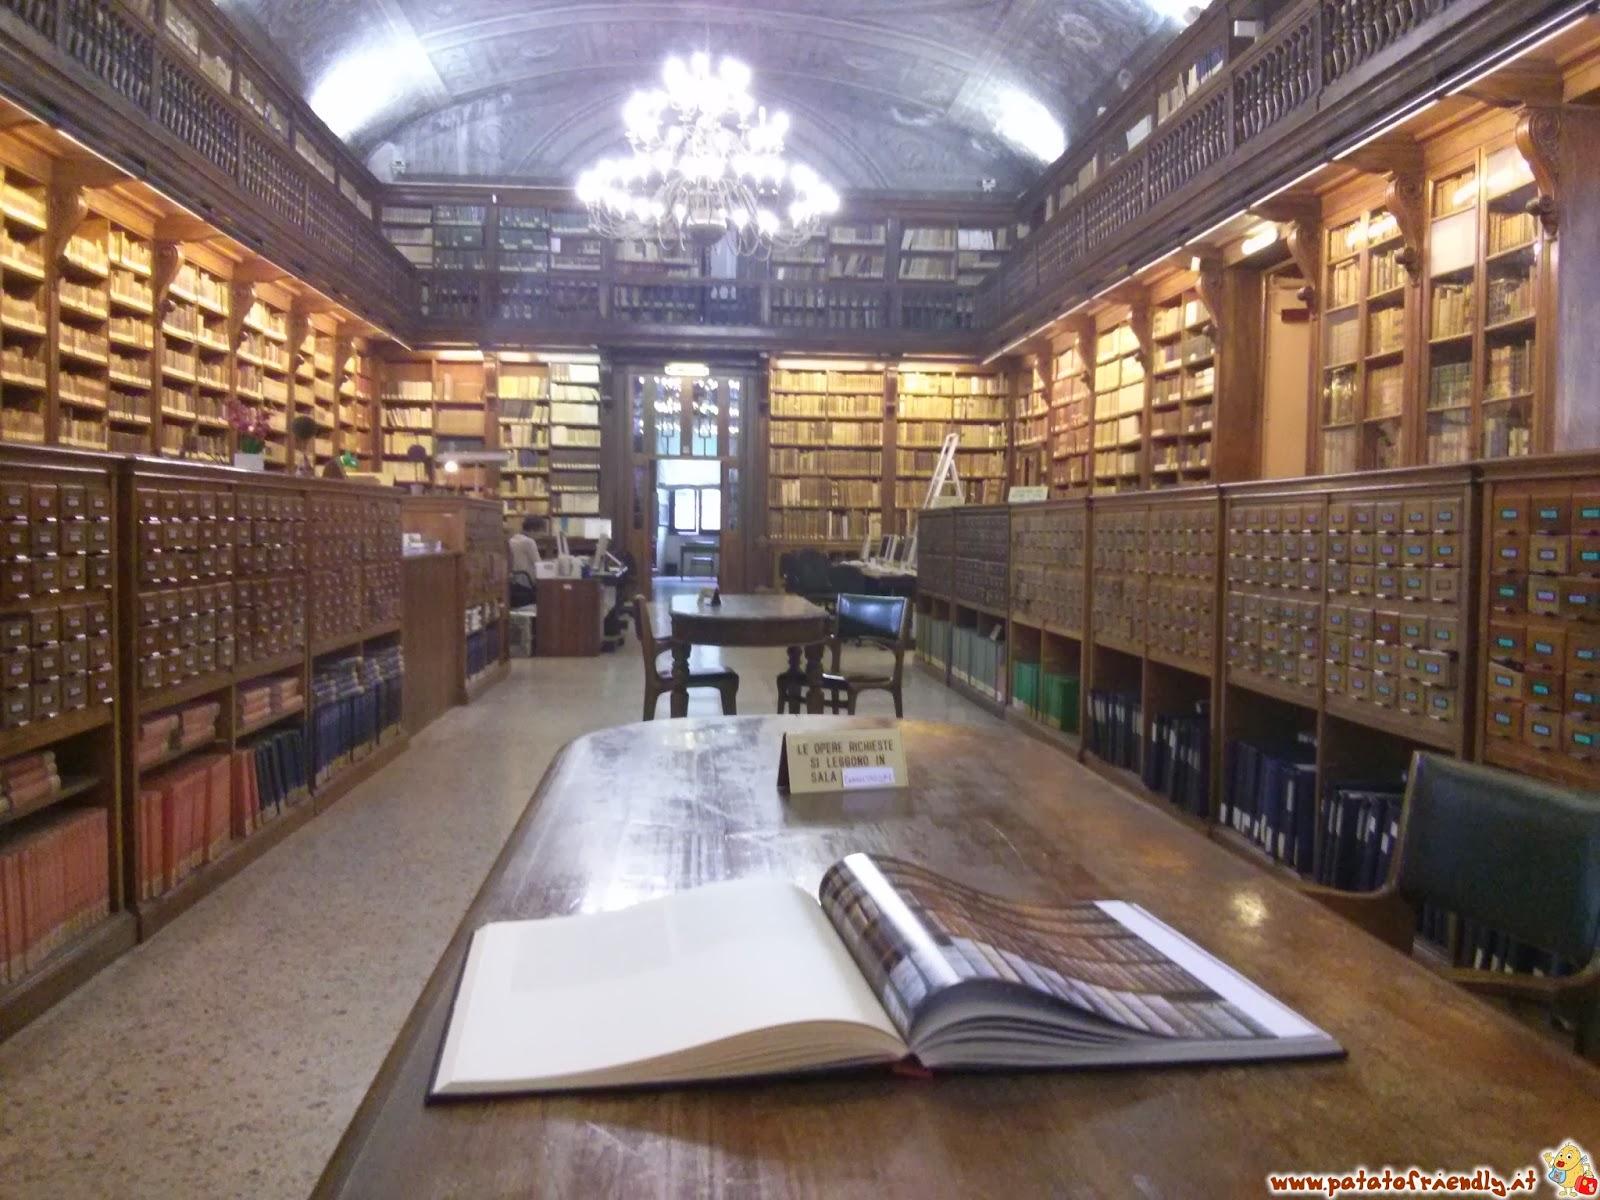 In biblioteca fa vedere tutto xx - 2 part 4